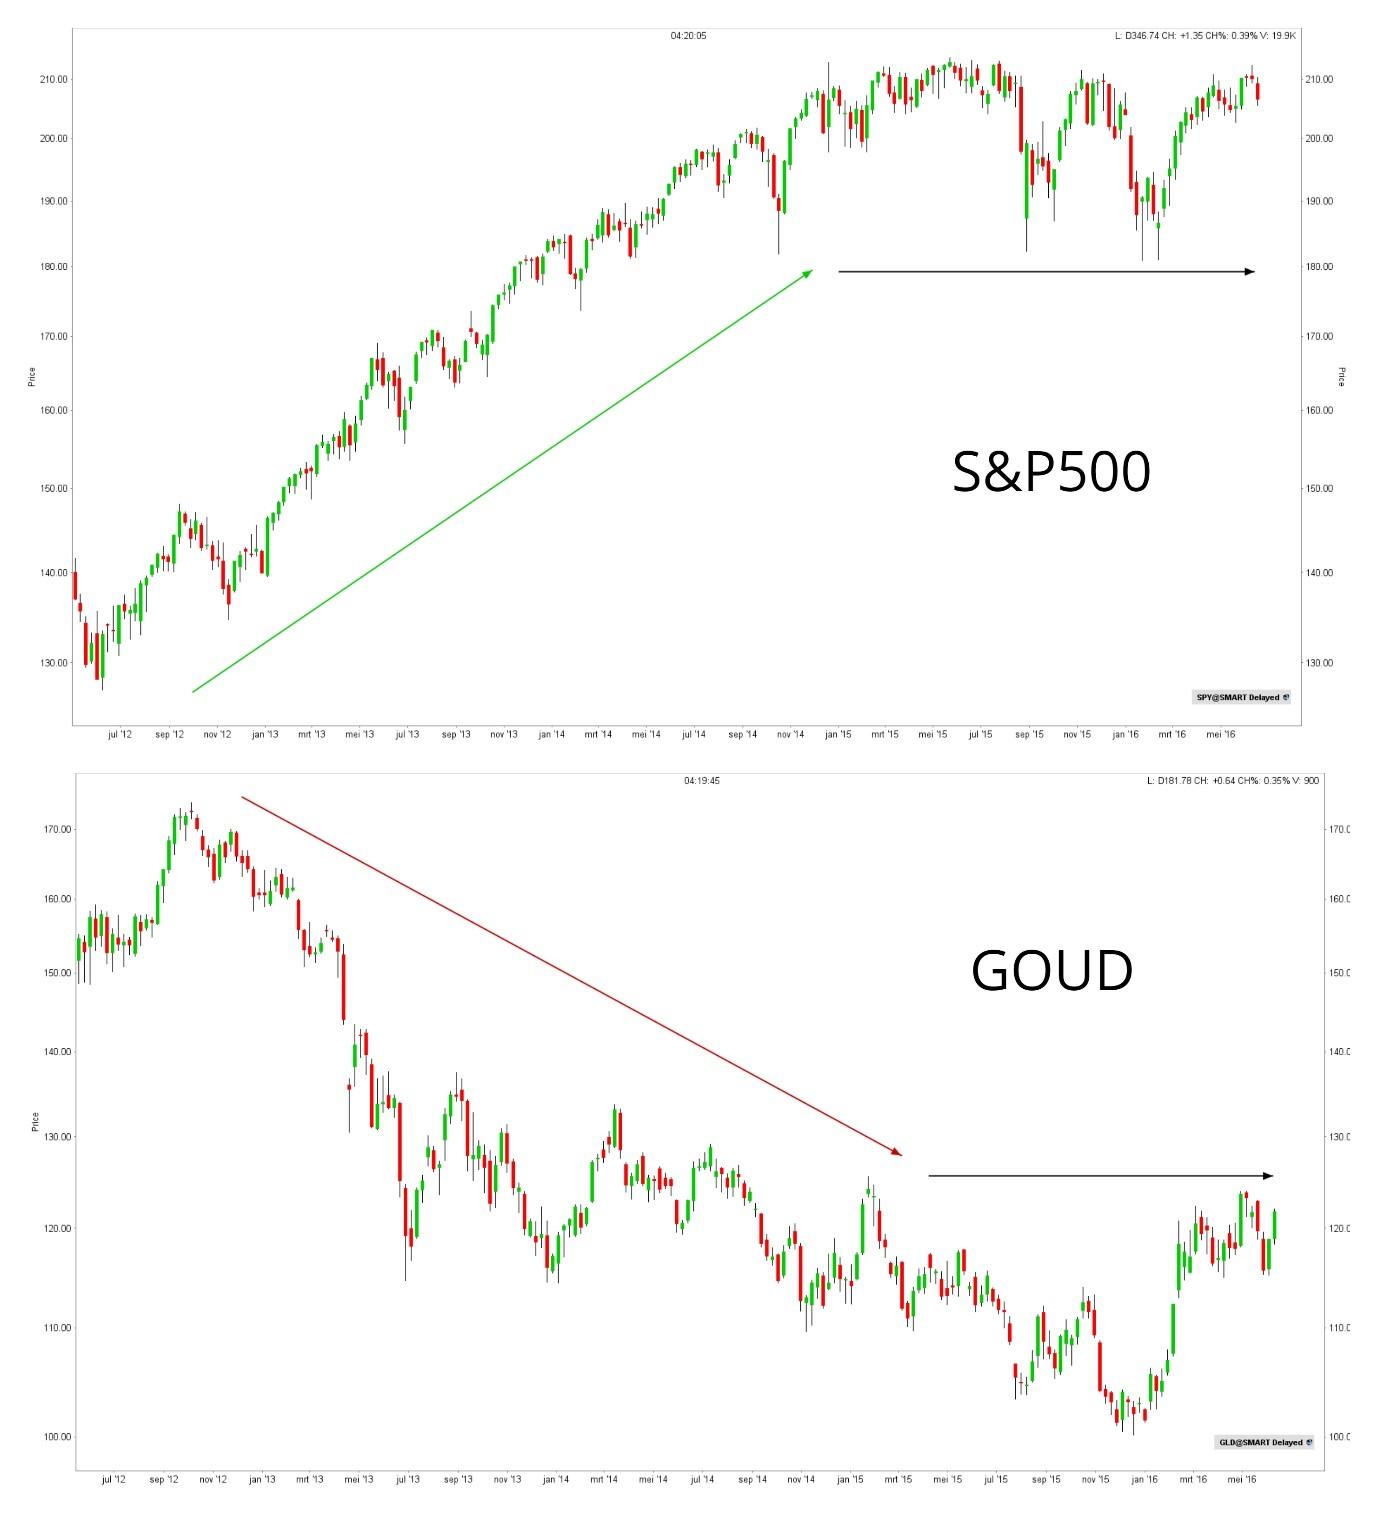 S&P 500 en Goud correlatie koers